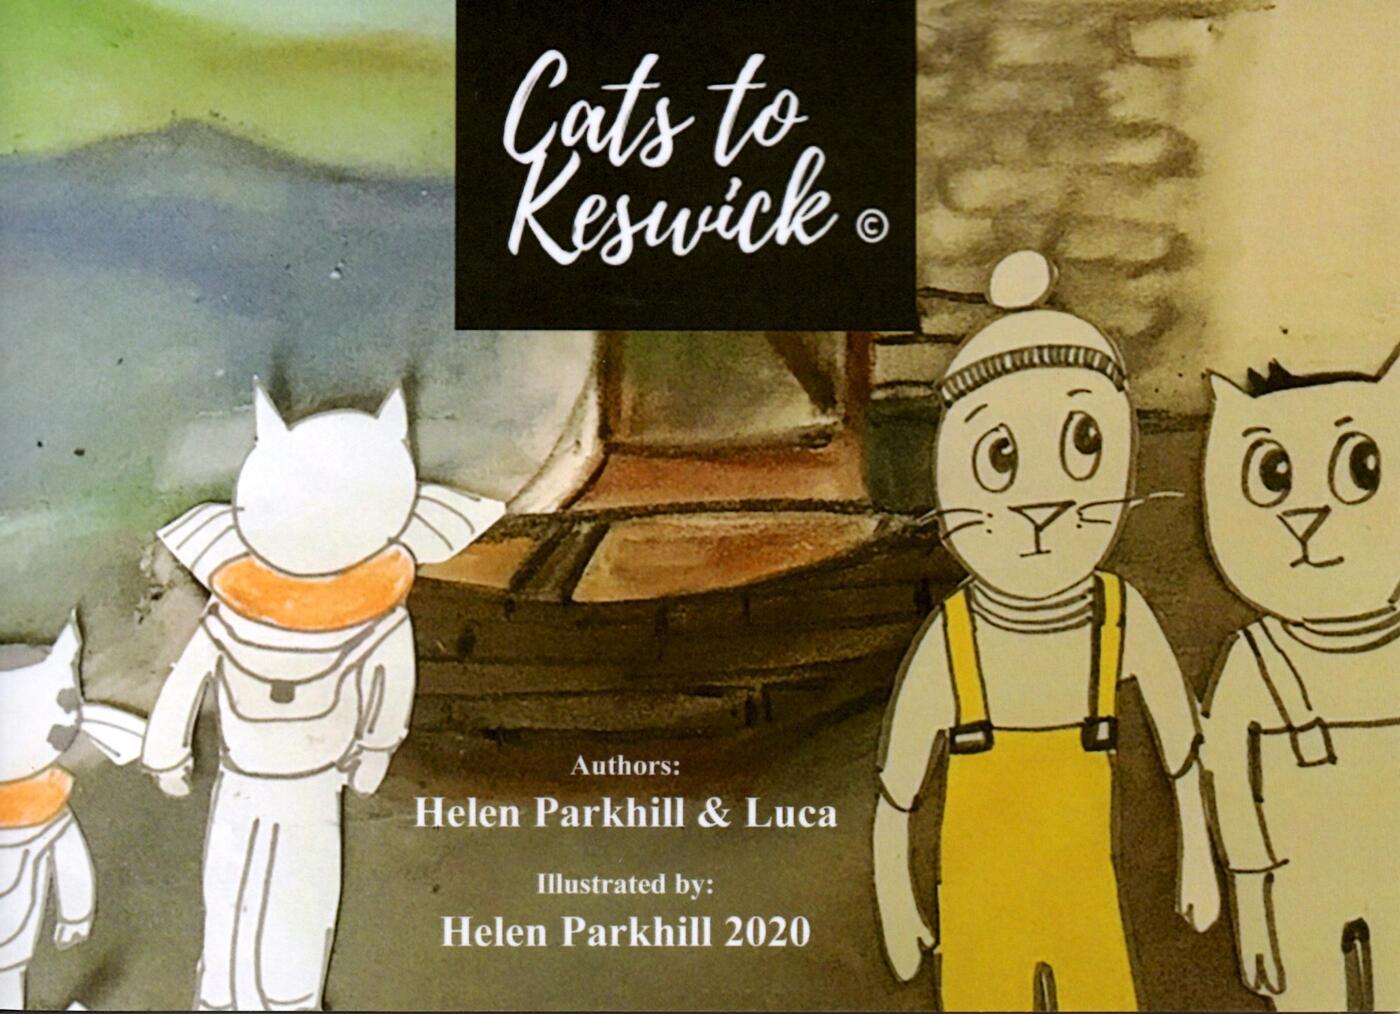 Cats To Keswick